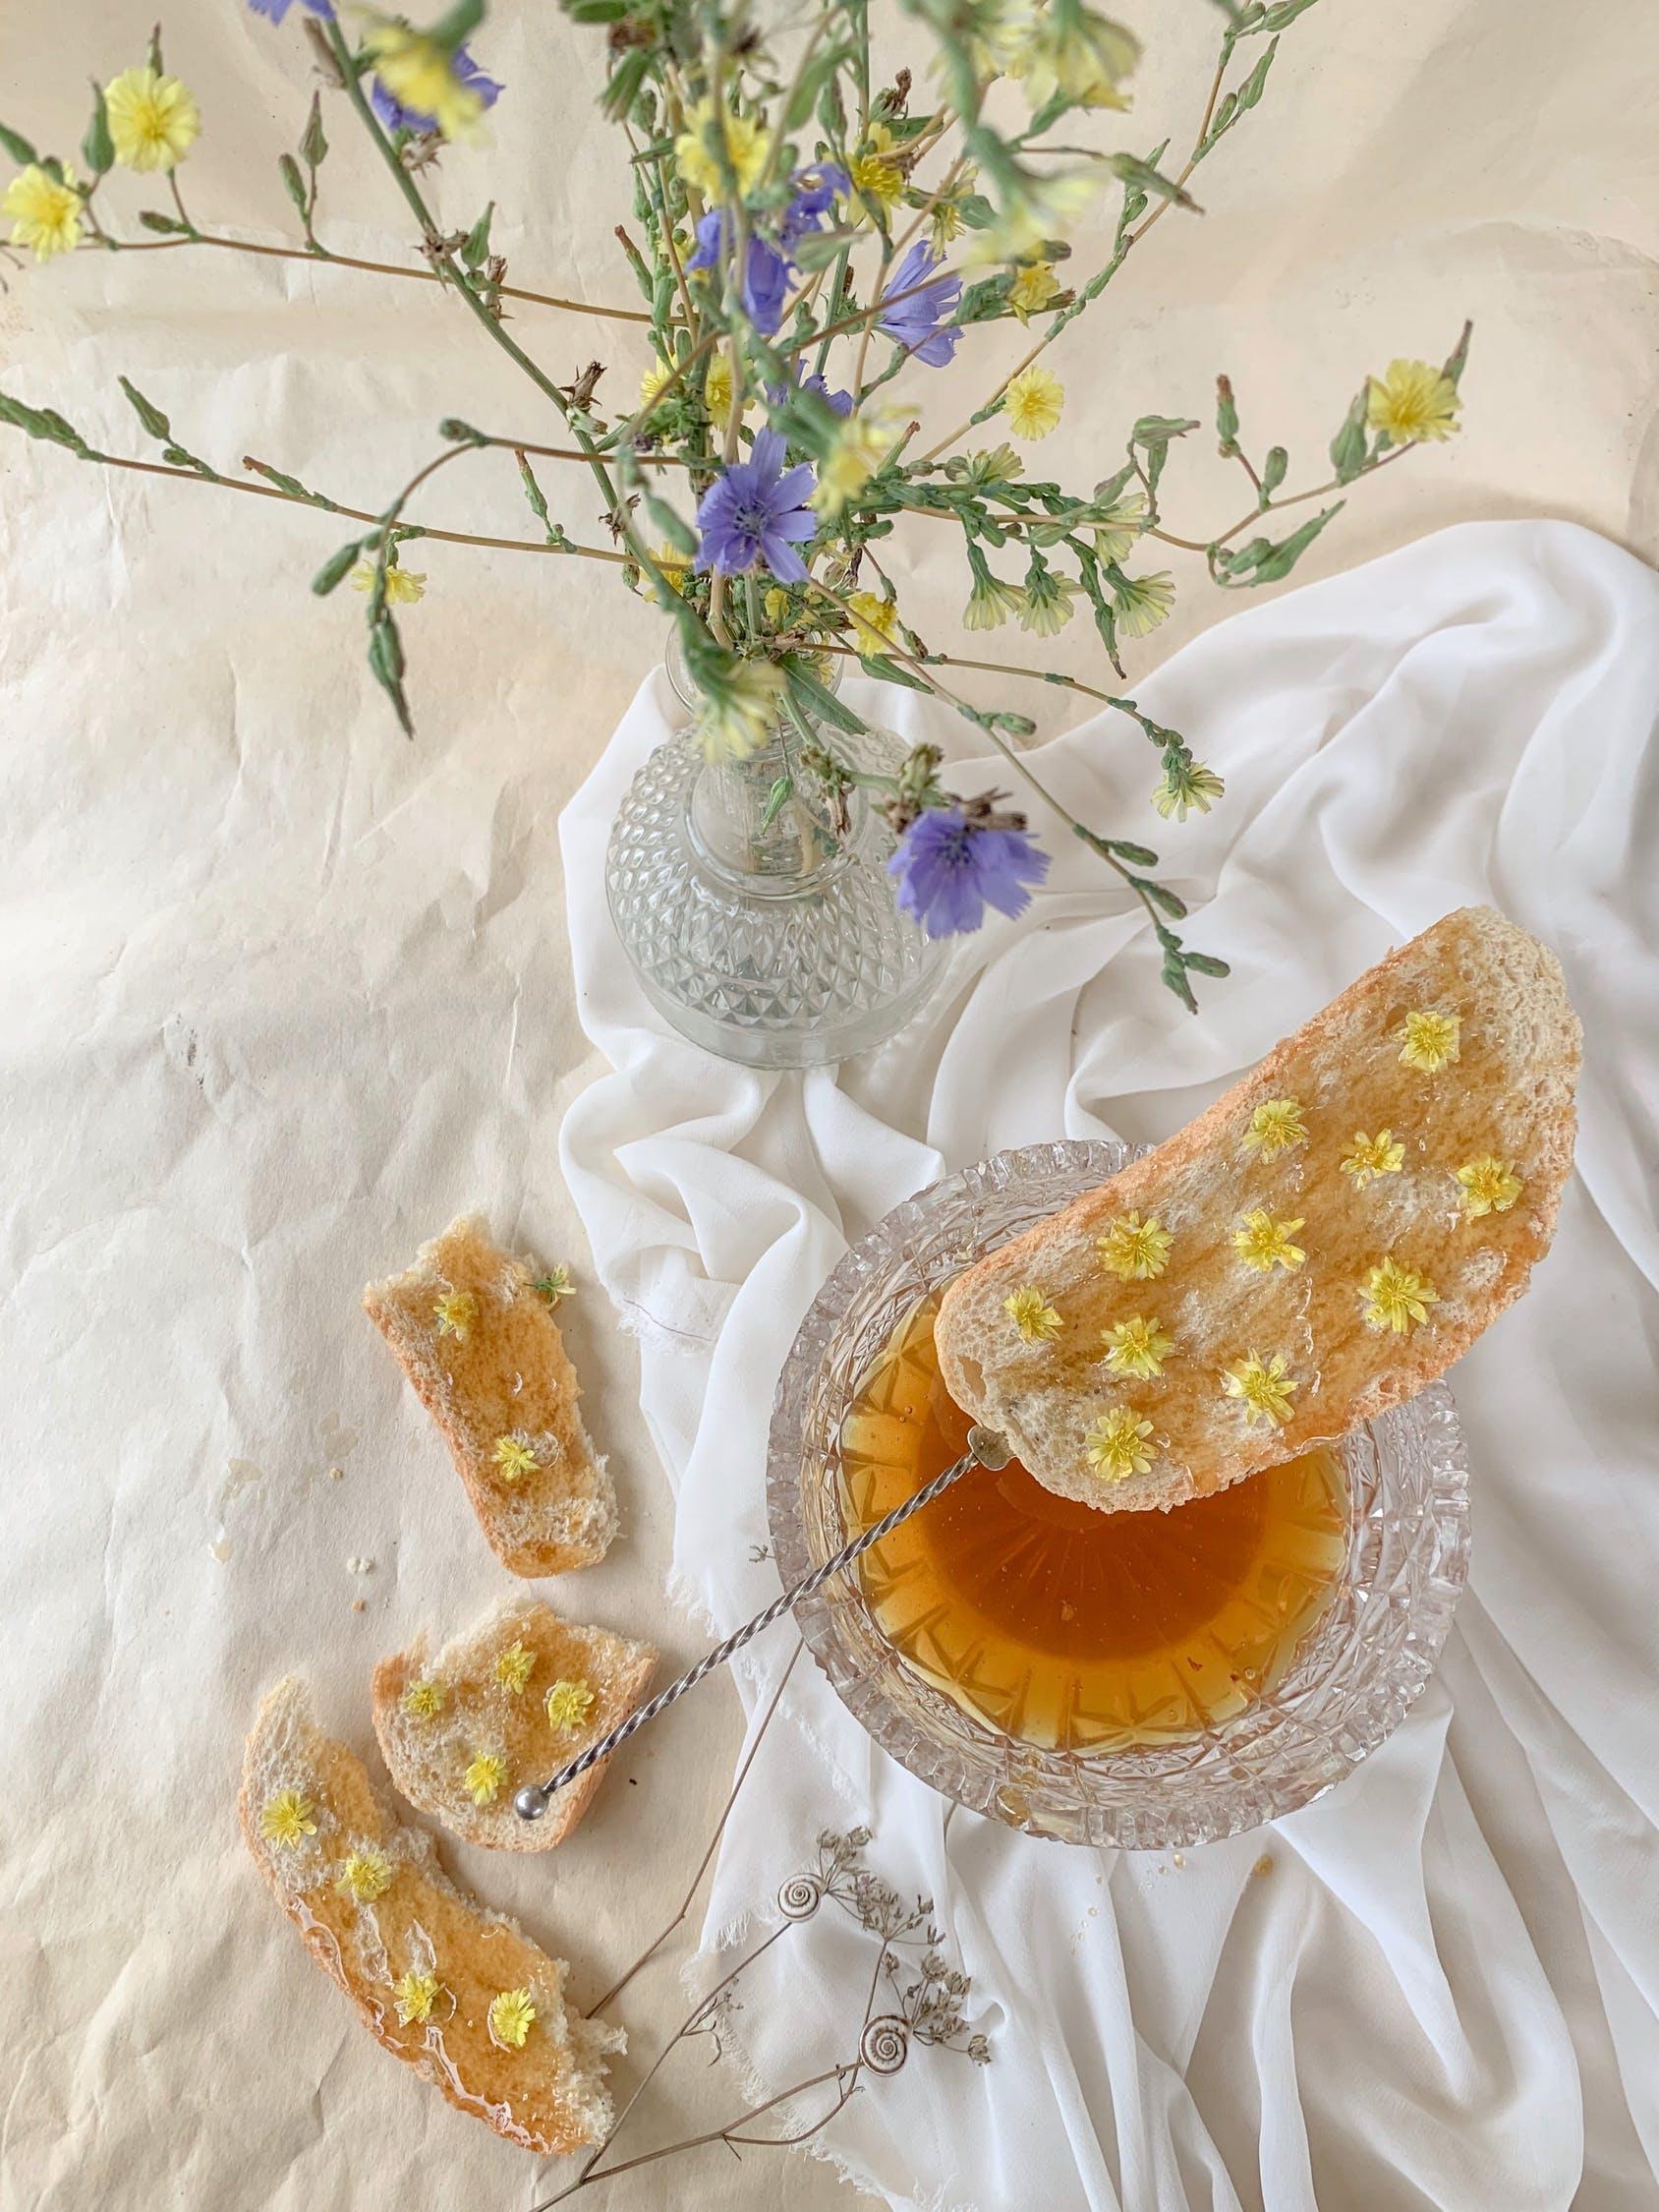 Mật ong giúp tăng lượng đường trong máu